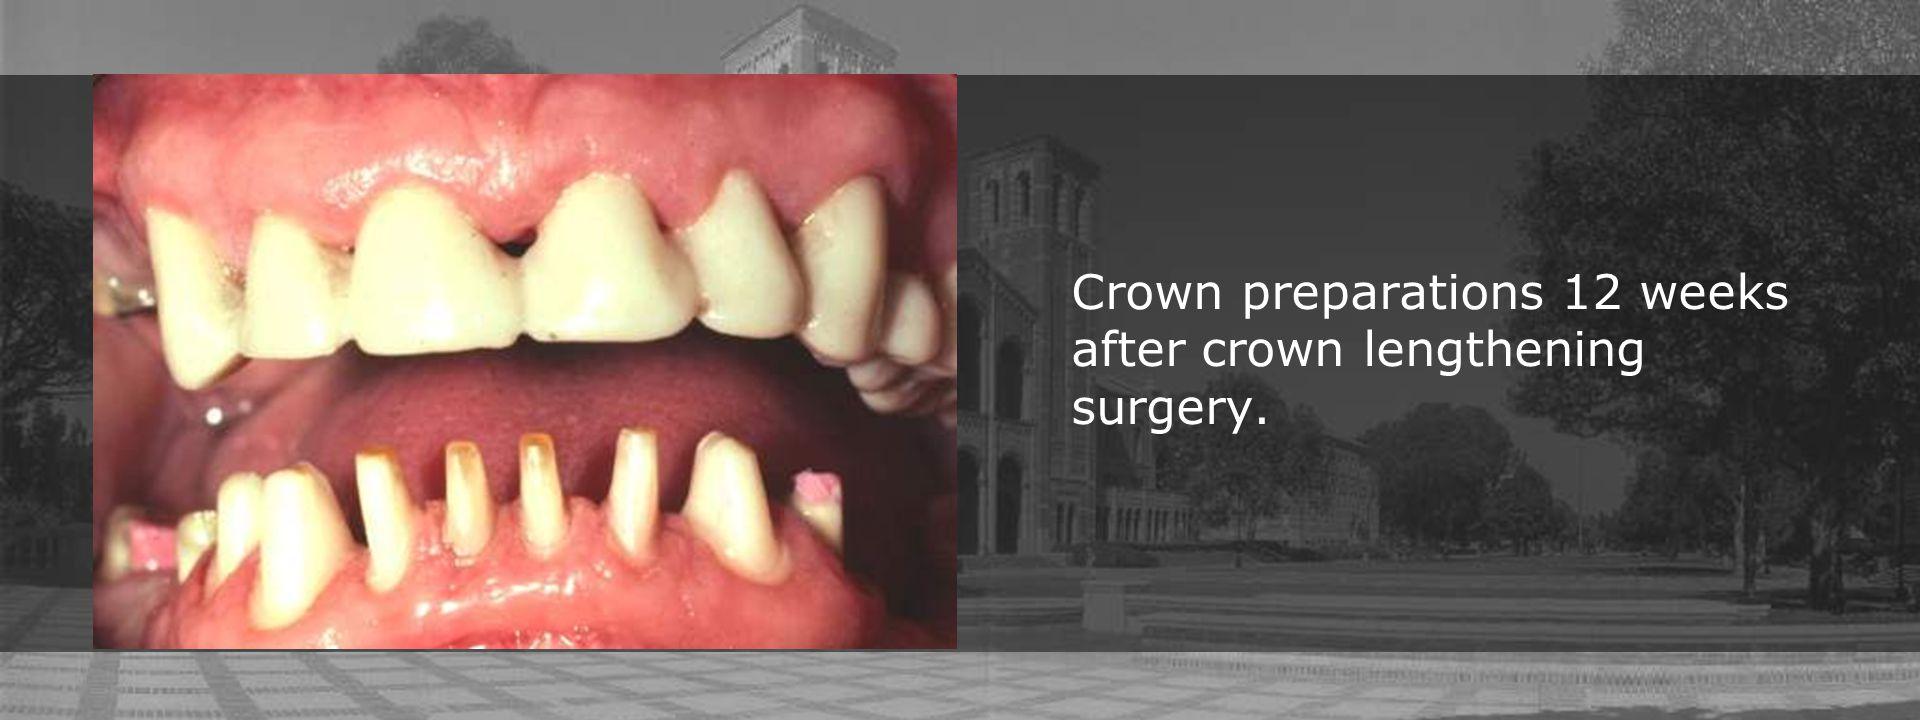 Crown preparations 12 weeks after crown lengthening surgery.